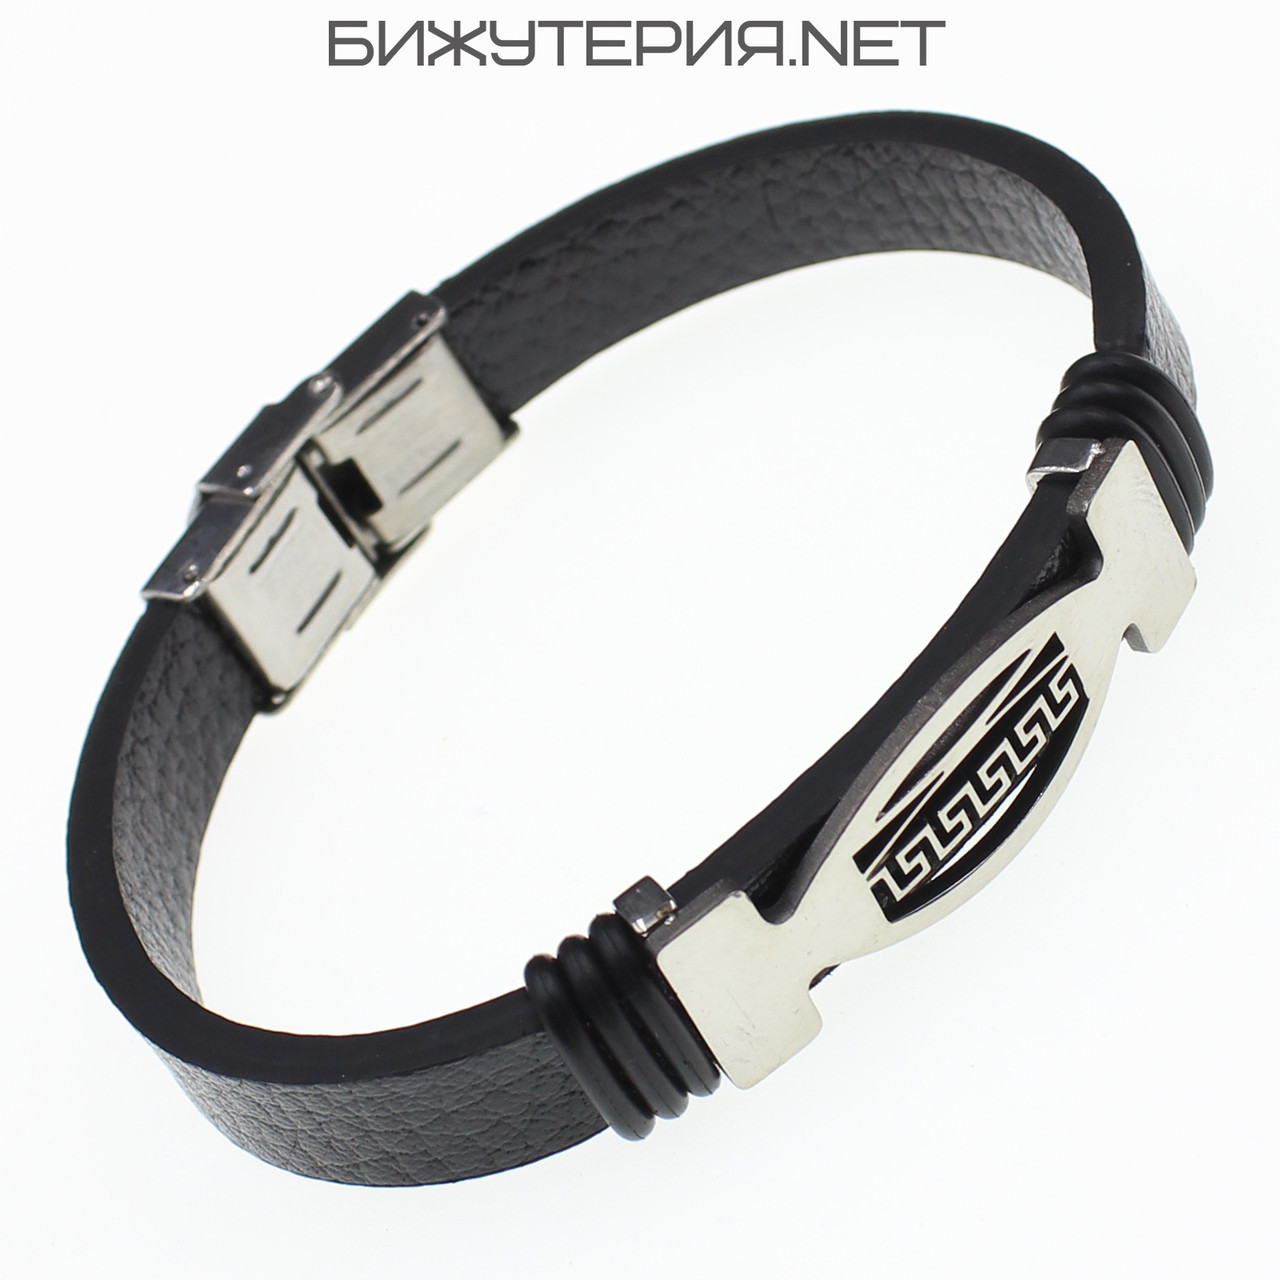 Мужской браслет Stainless Steel со вставкой из стали, черный - 1059073239